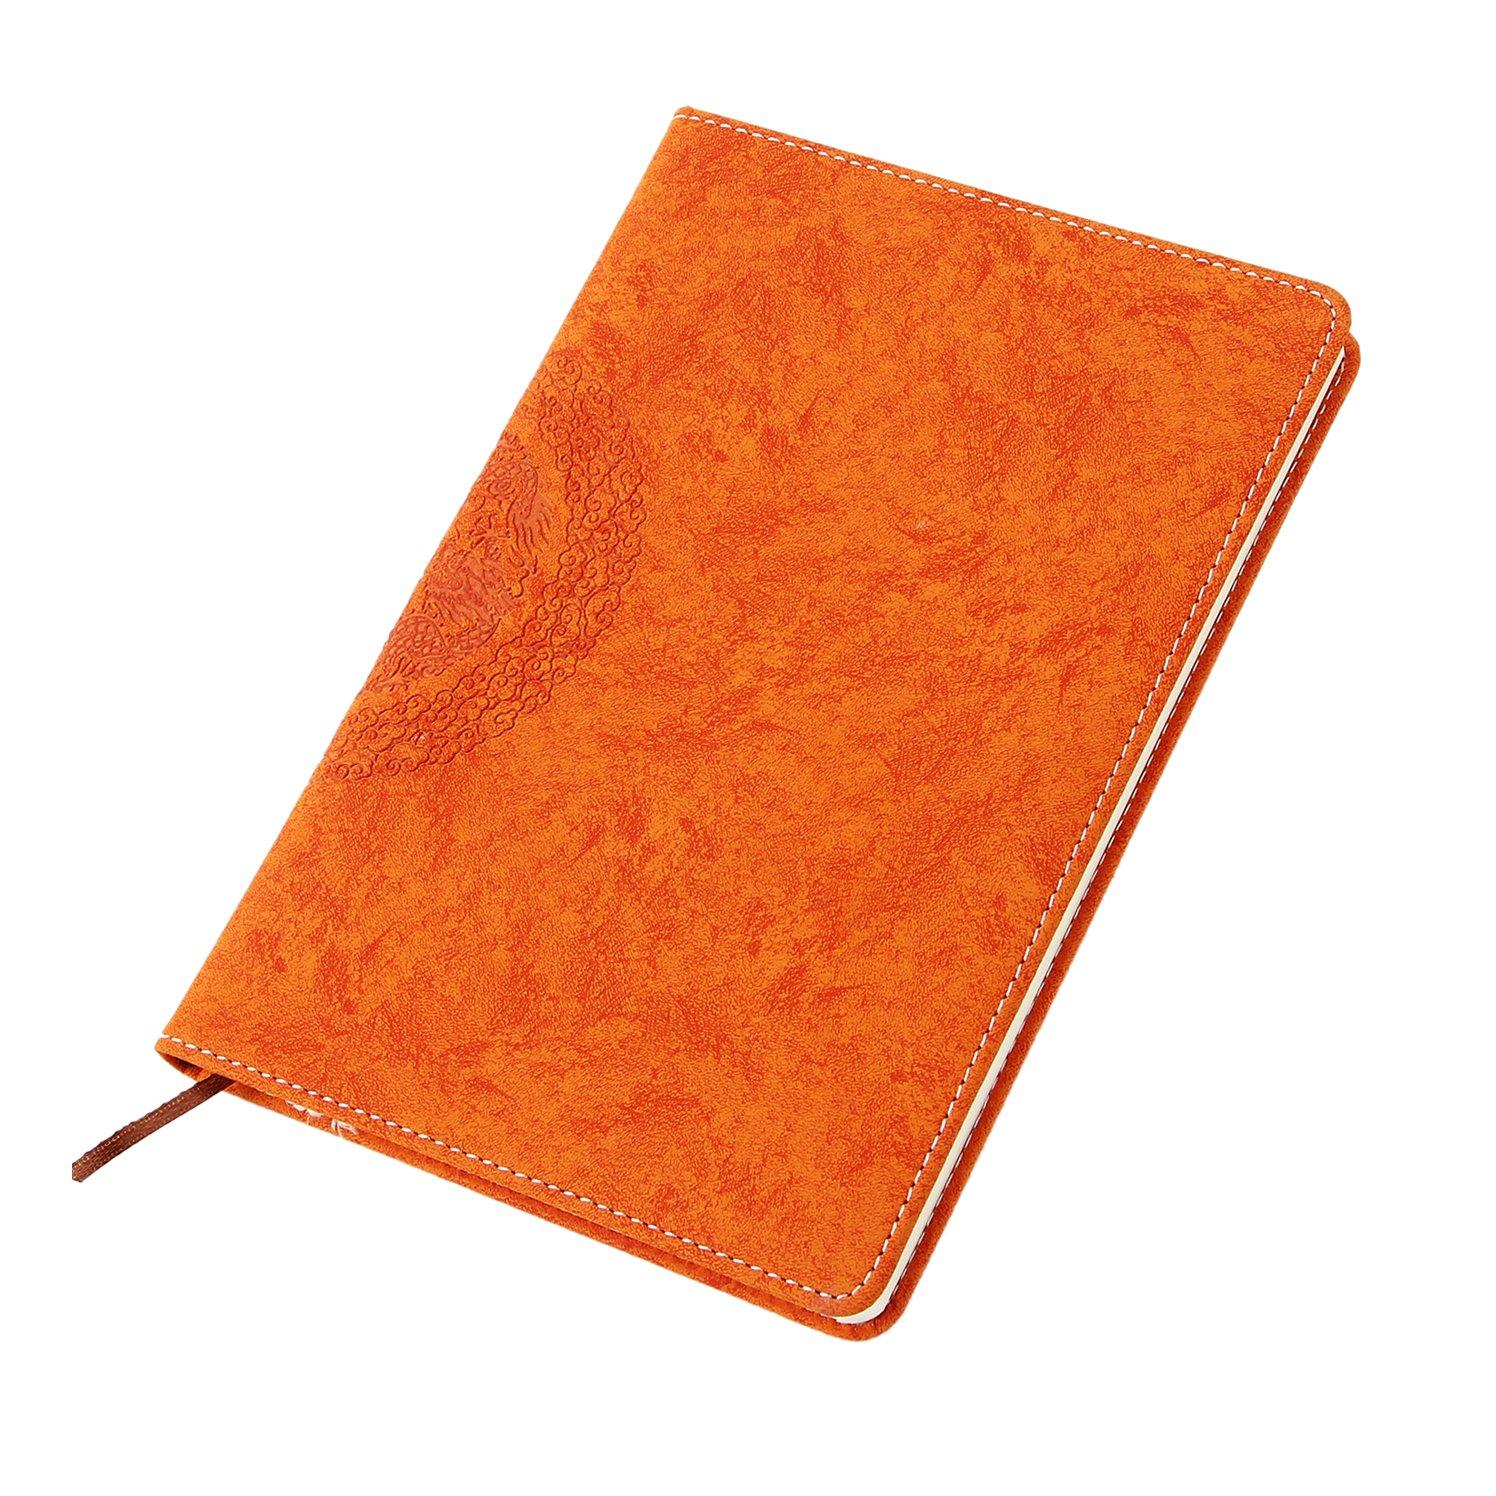 A5 Libreta Bonitas Rayado para Escribir, YAOHU Cuaderno Lineas A5 Bloc de Notas Retro Dragón Chino Cuaderno de Viaje Cuero Vintage Lined Journal Notebook, Regalo hombre Mujer Niños, Azul